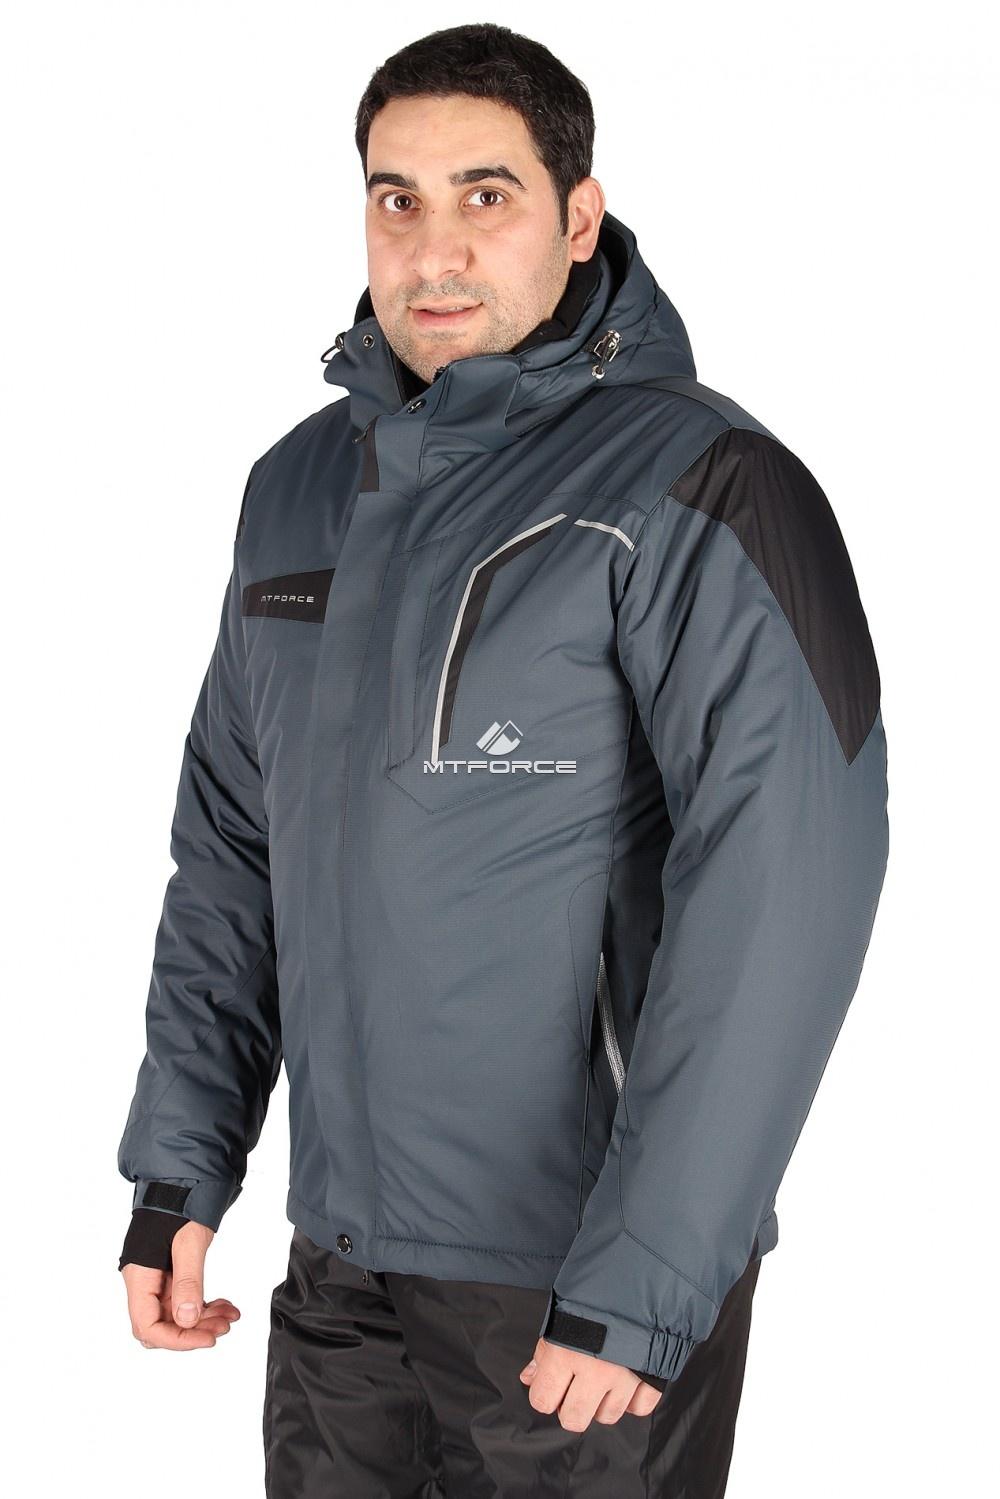 Купить                                  оптом Куртка горнолыжная мужская серого цвета 1554Sr